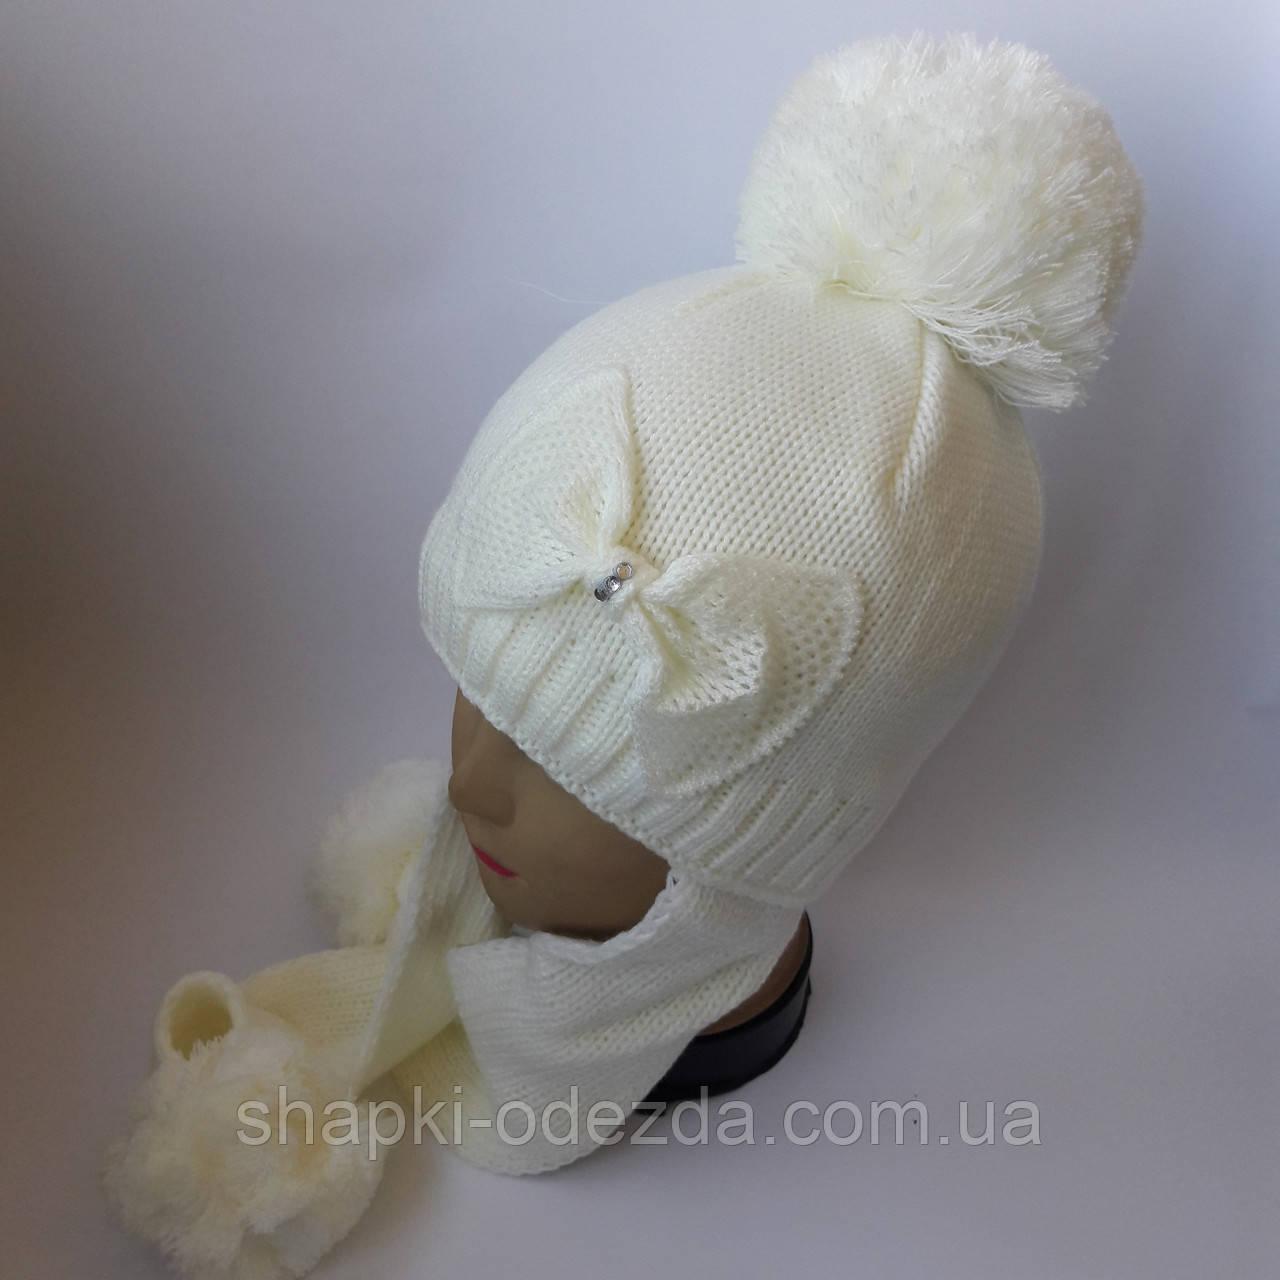 детская вязаная шапка с ушами для девочки остались белые и молочные